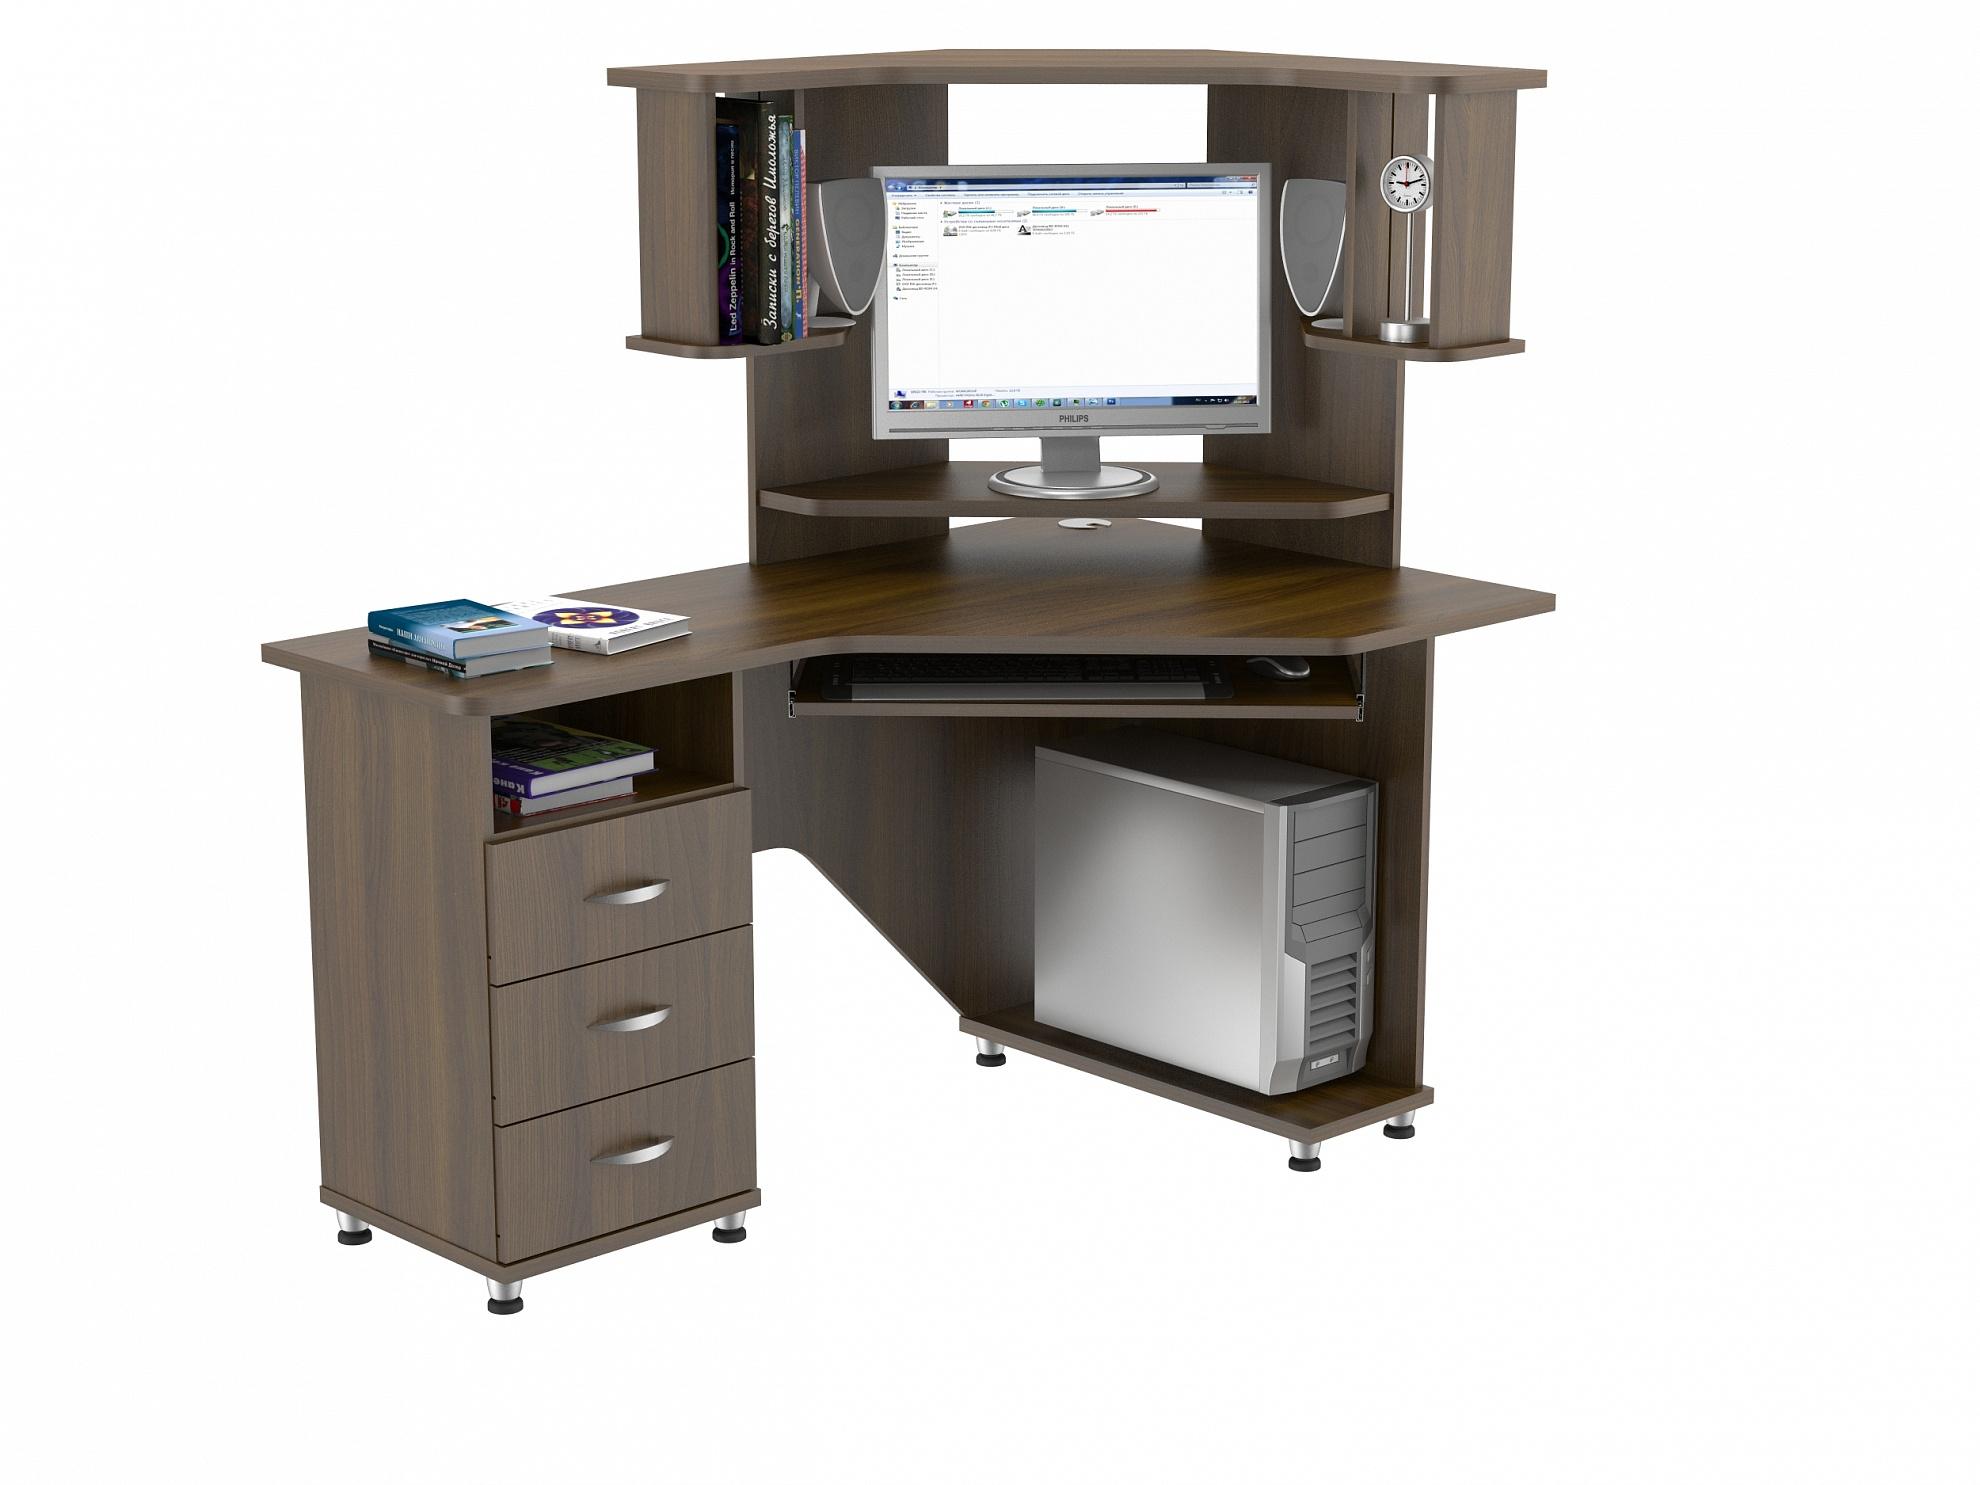 Компьютерный стол КС 20-18м1Компьютерные столы<br>размер: 1400х890 В1440<br><br>Материалы: ЛДСП, кромка ПВХ<br>Полный размер: 1400х890 В1440<br>Габарит монитора: 44х49 (диагональ от 15 до 19)<br>Вес товара (кг): 73<br>Цвет: Дуб Сонома, Орех Валенсия<br>Примечание: Доставляется в разобранном виде<br>Изготовление и доставка: 2-3 дня<br>Условия доставки: Бесплатная по Москве до подъезда<br>Условие оплаты: Оплата наличными при получении товара<br>Подъем на грузовом лифте: 500 руб.<br>Гарантия: 12 месяцев<br>Производство: Россия, г. Москва<br>Производитель: ВасКо (Дик)